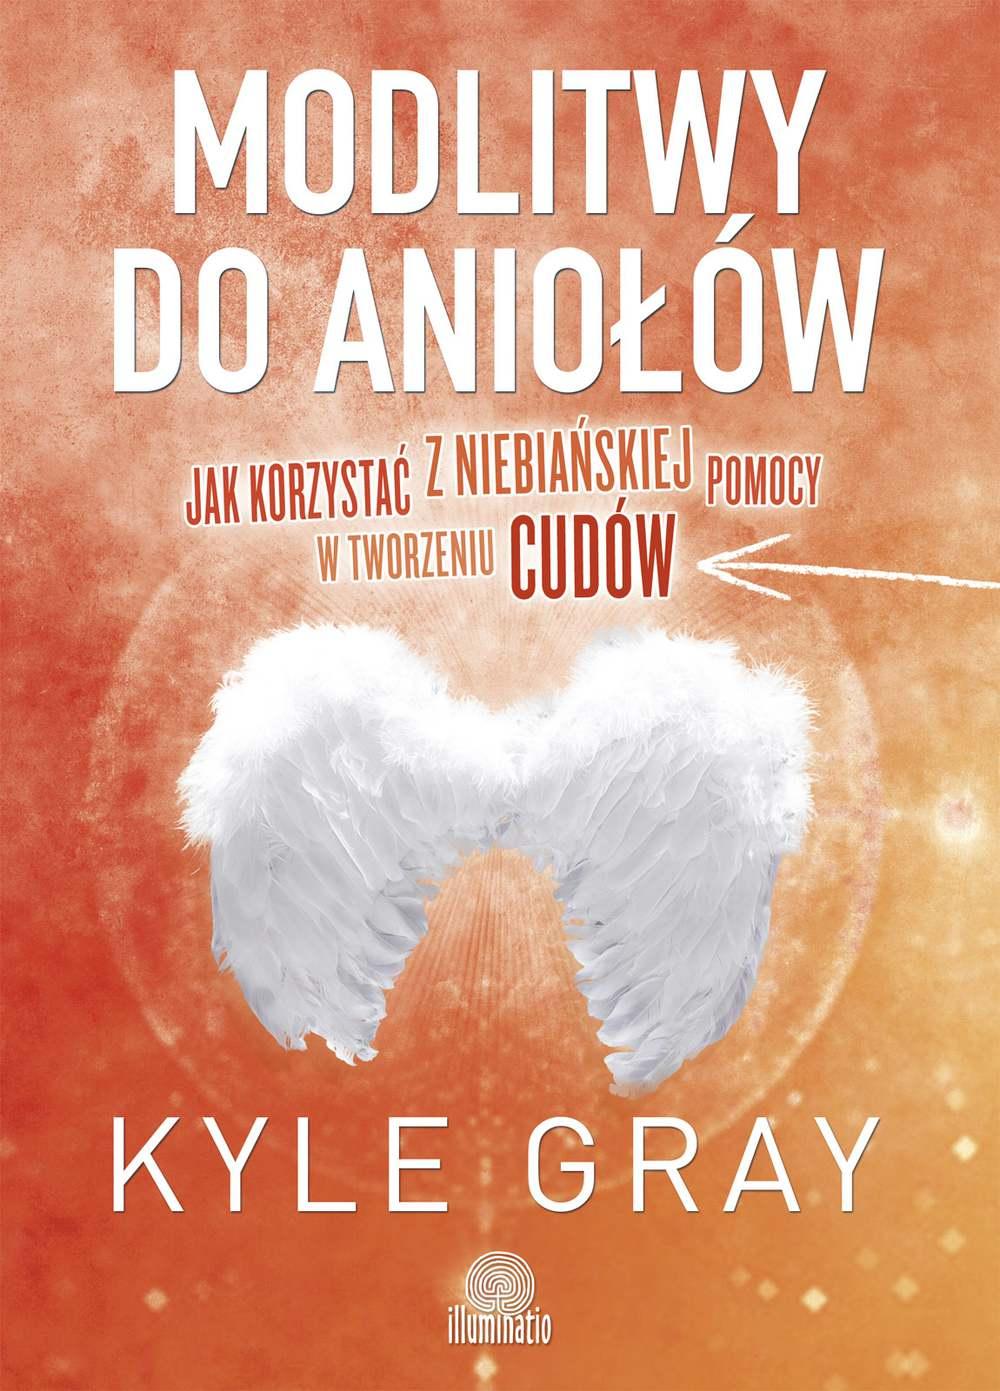 Modlitwy do aniołów. Jak korzystać  z niebiańskiej pomocy w tworzeniu cudów - Ebook (Książka na Kindle) do pobrania w formacie MOBI